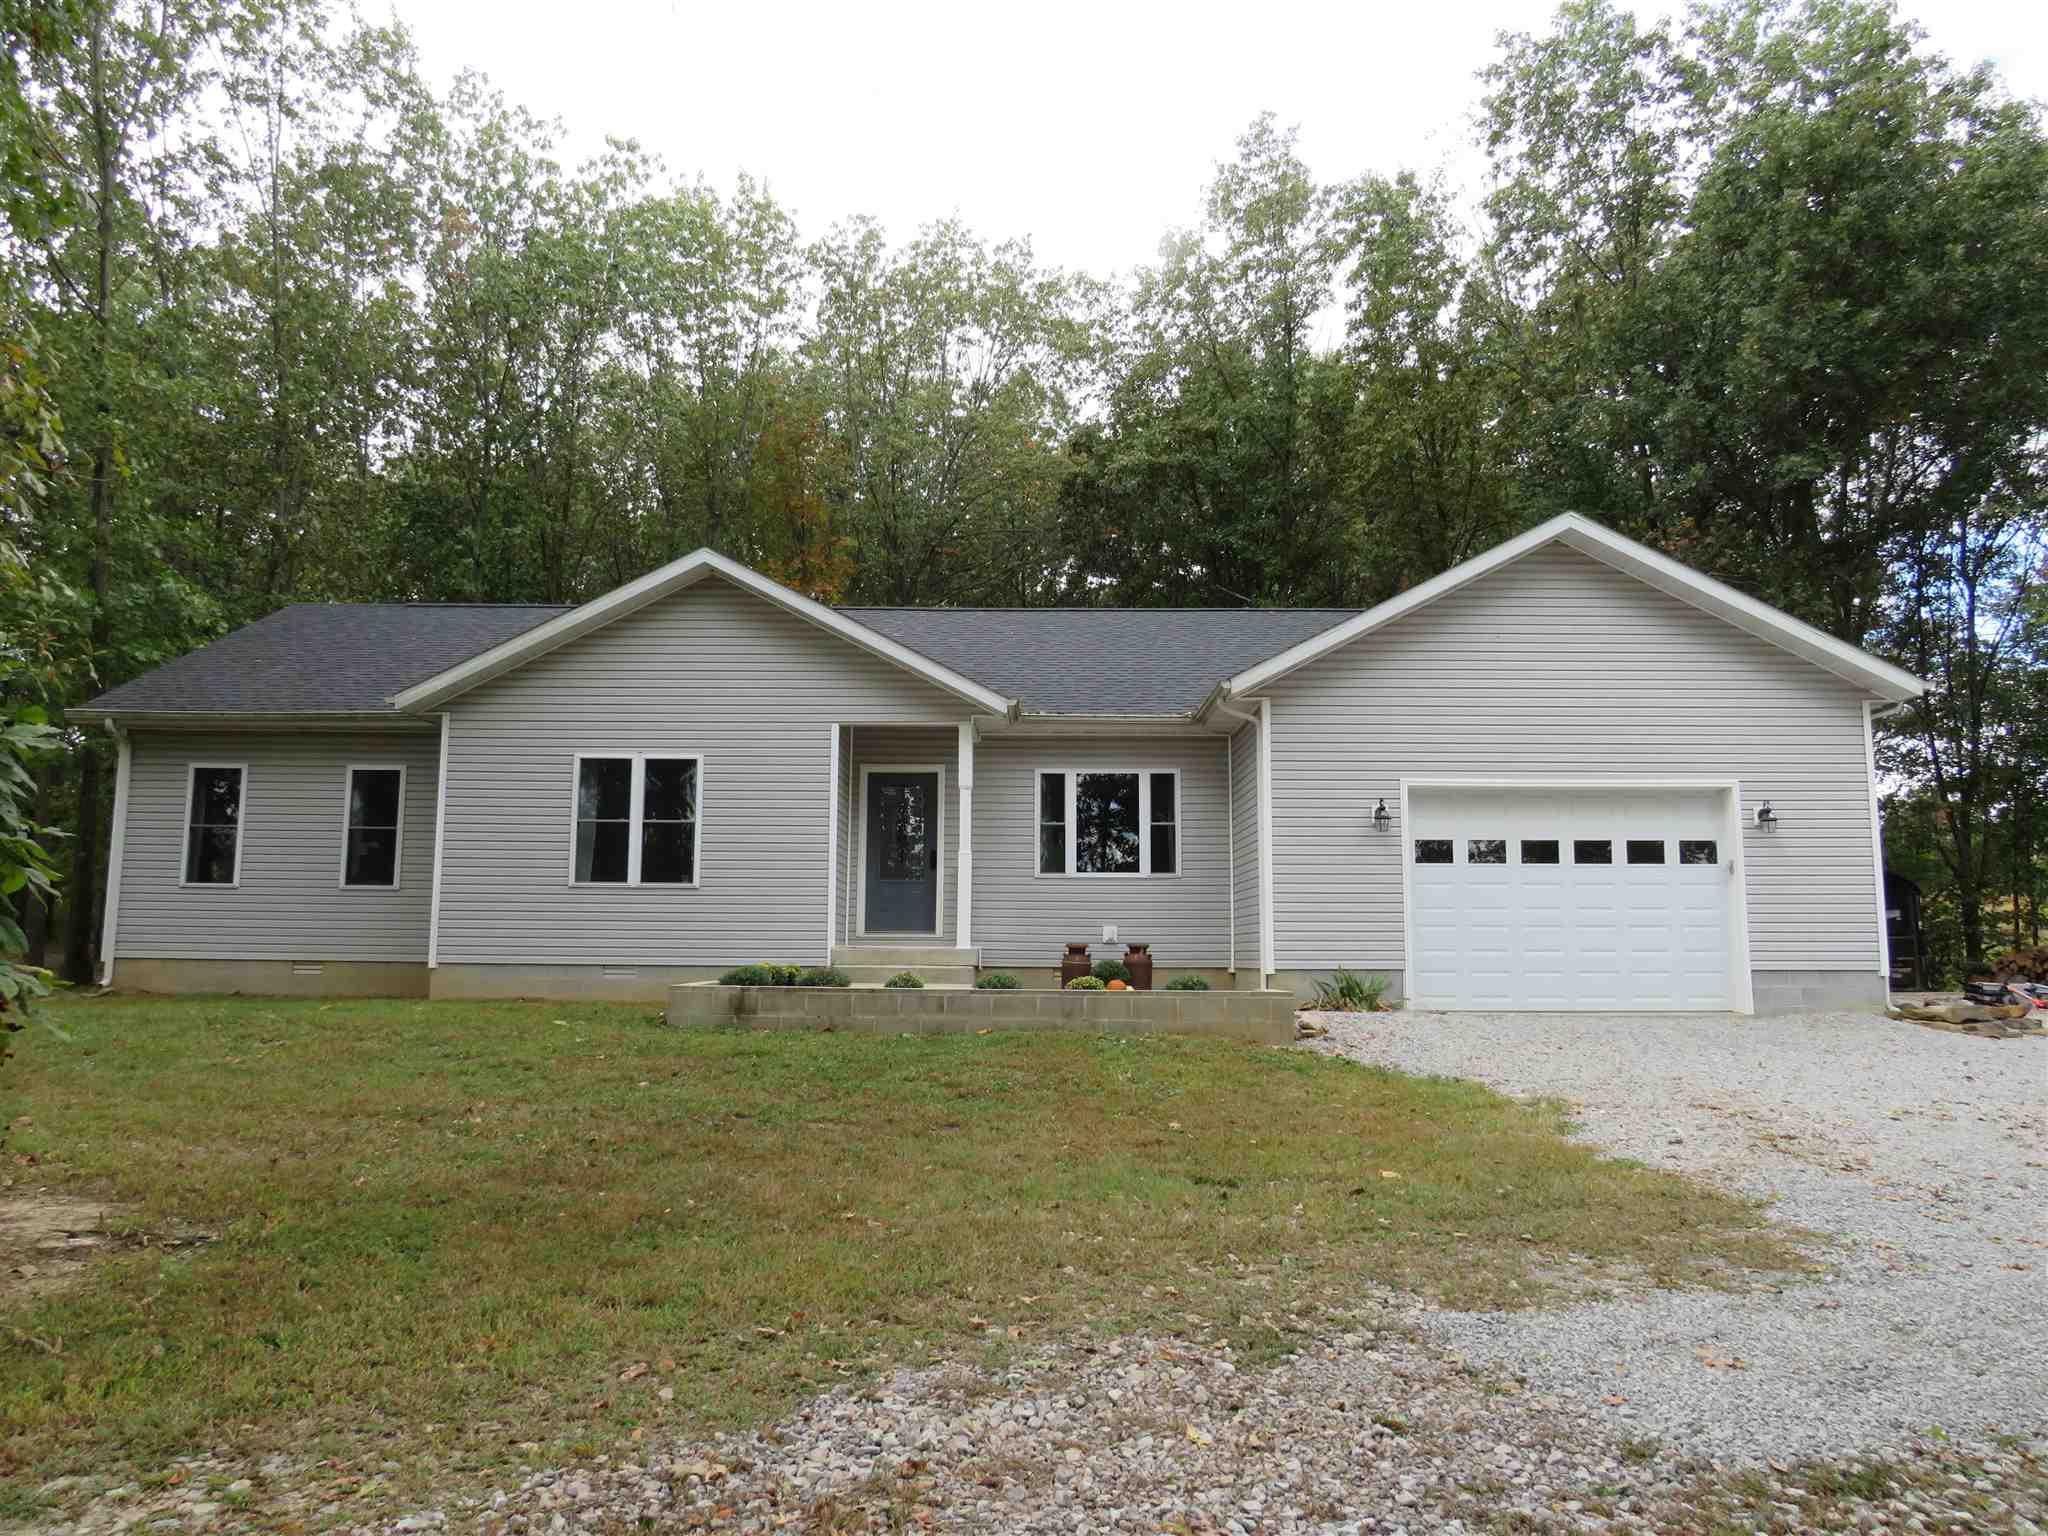 235 Eblin Property Photo - Texico, IL real estate listing